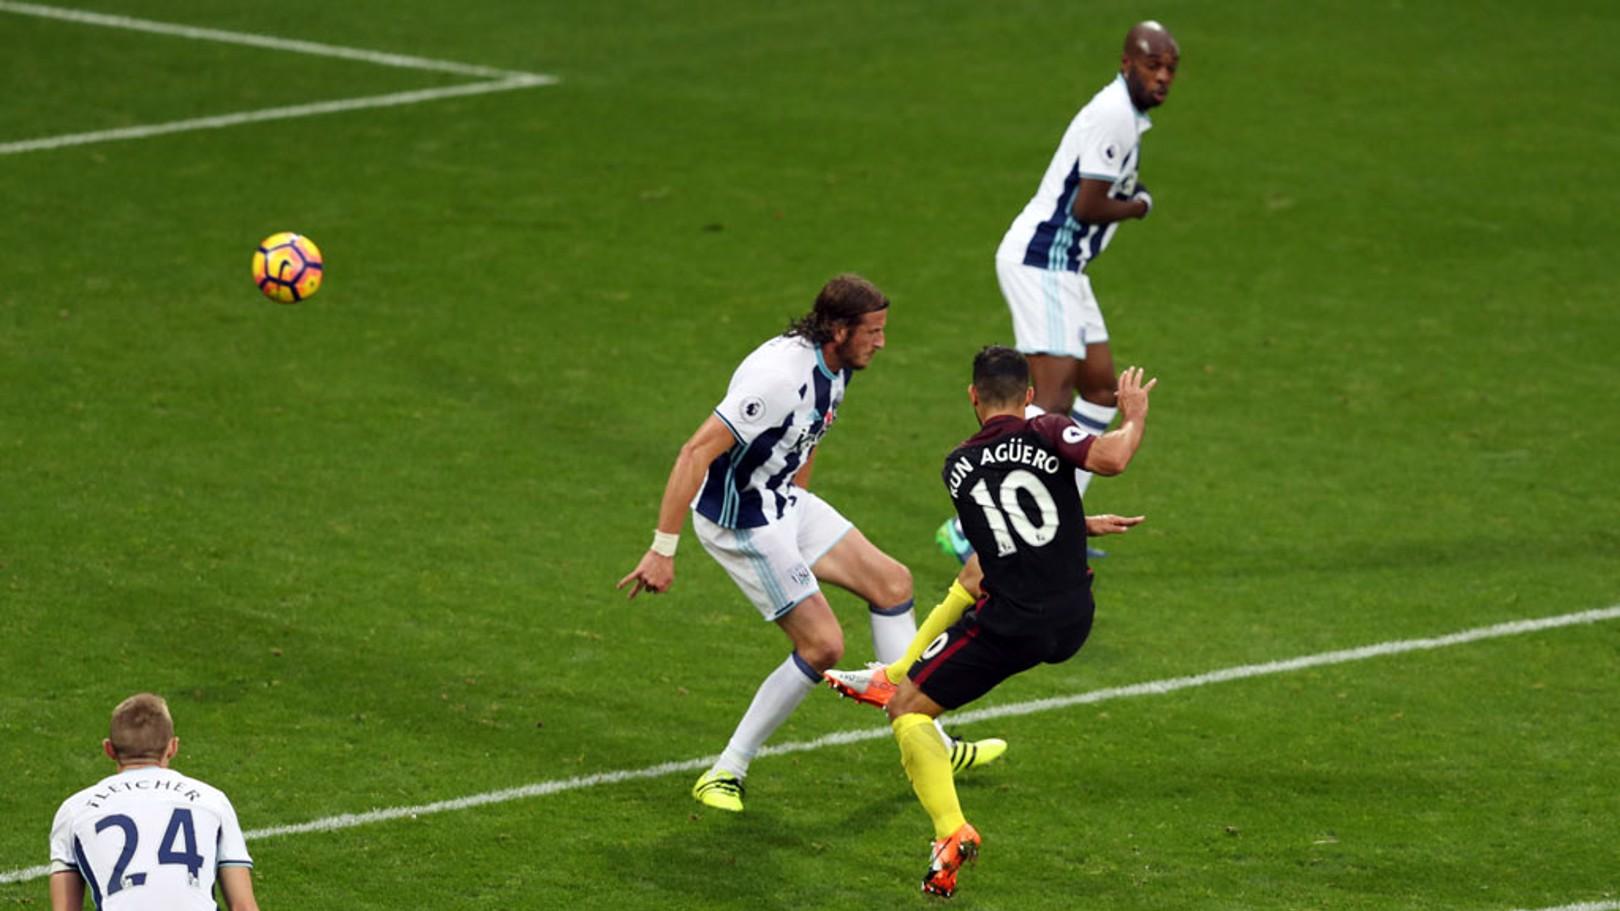 SCREAMER Manchester City's Sergio Aguero scores his second goal